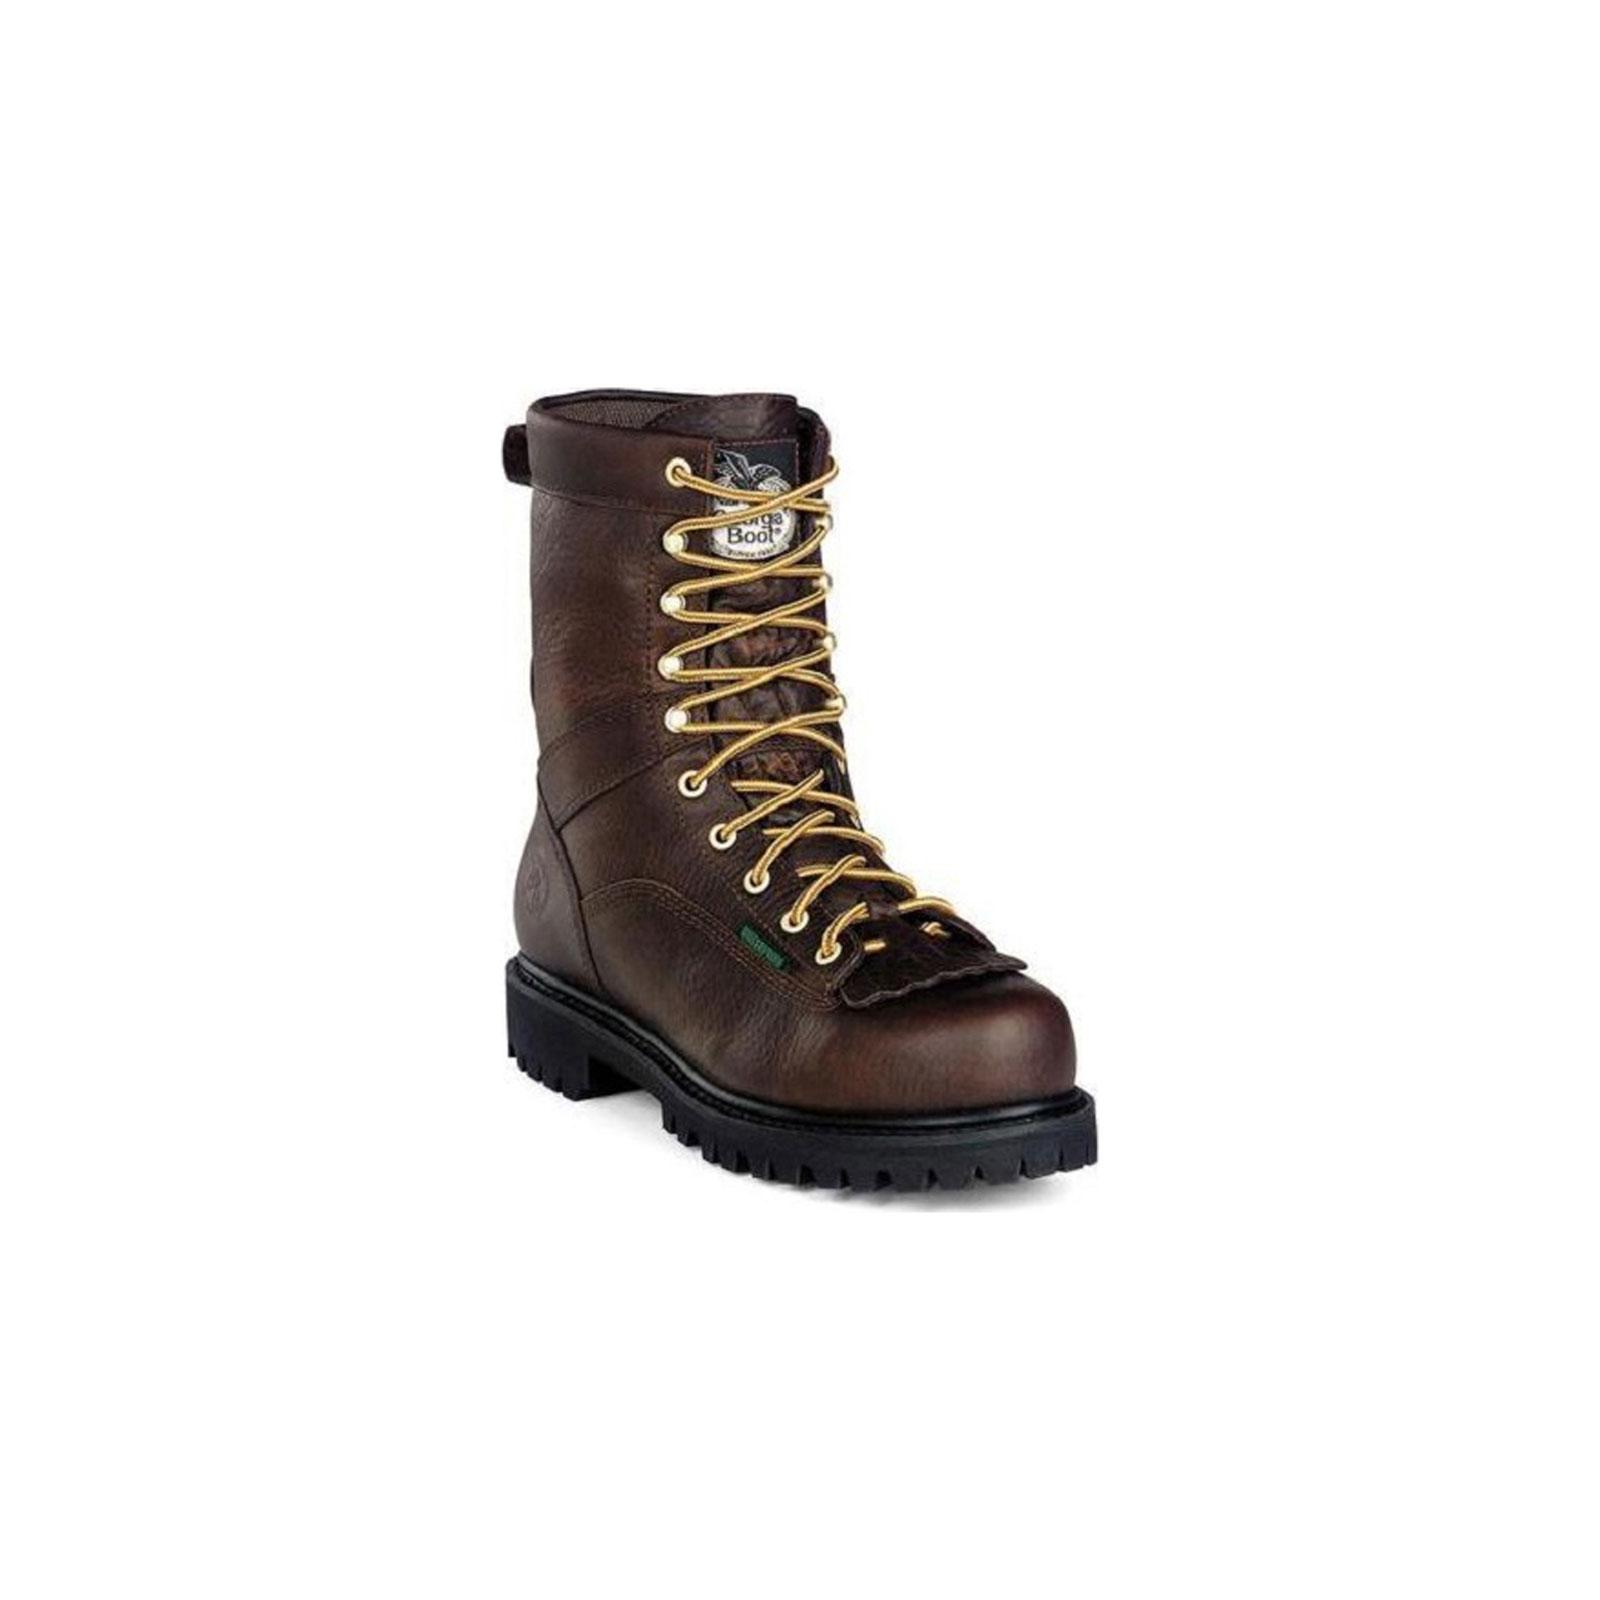 g8041 s waterproof low heel logger work boot